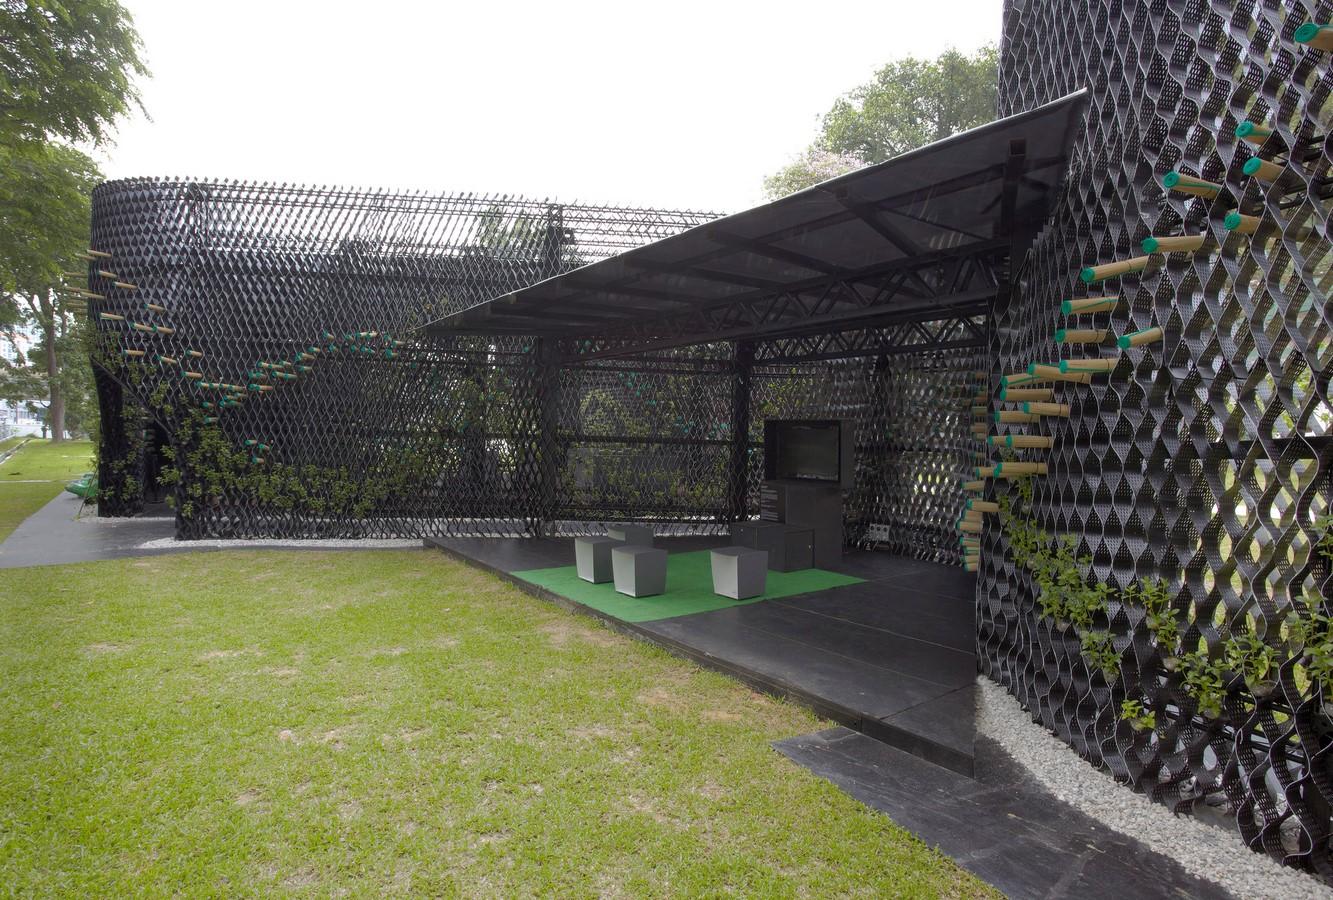 Archifest Zero Waste Pavilion in Singapore, WOW Architects - Sheet5